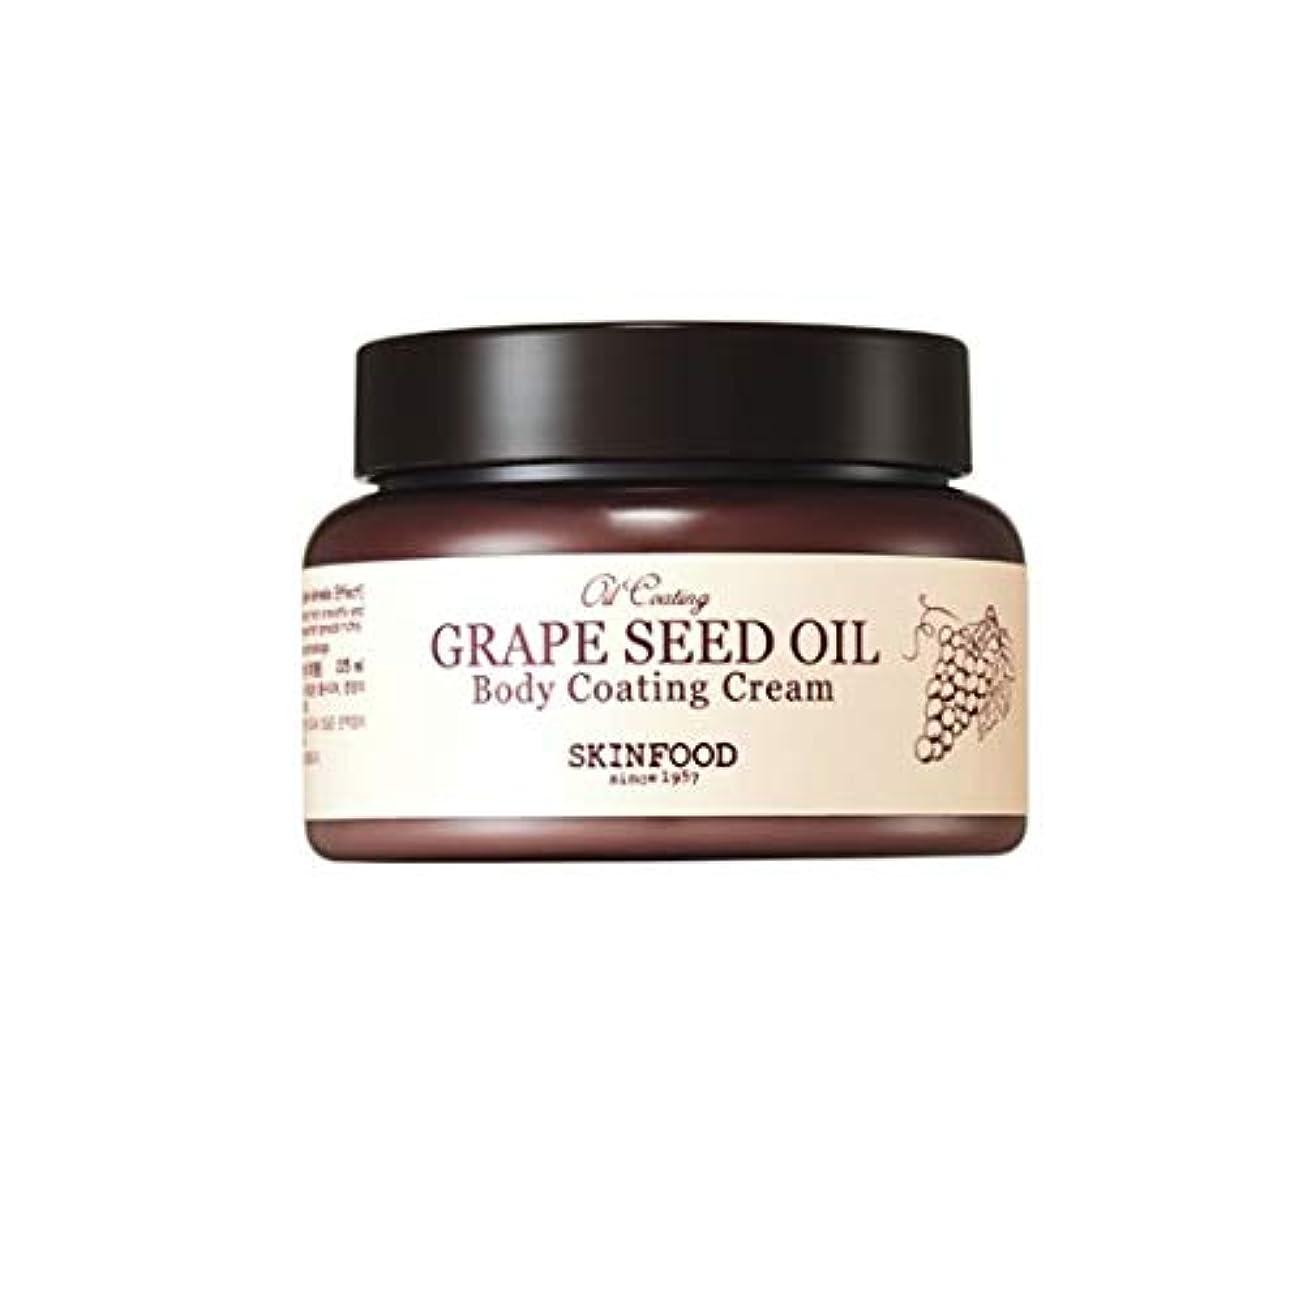 意志に反する地球歩行者Skinfood グレープシードオイルコーティングボディクリーム/Grape Seed Oil Coating Body Cream 225 ml [並行輸入品]